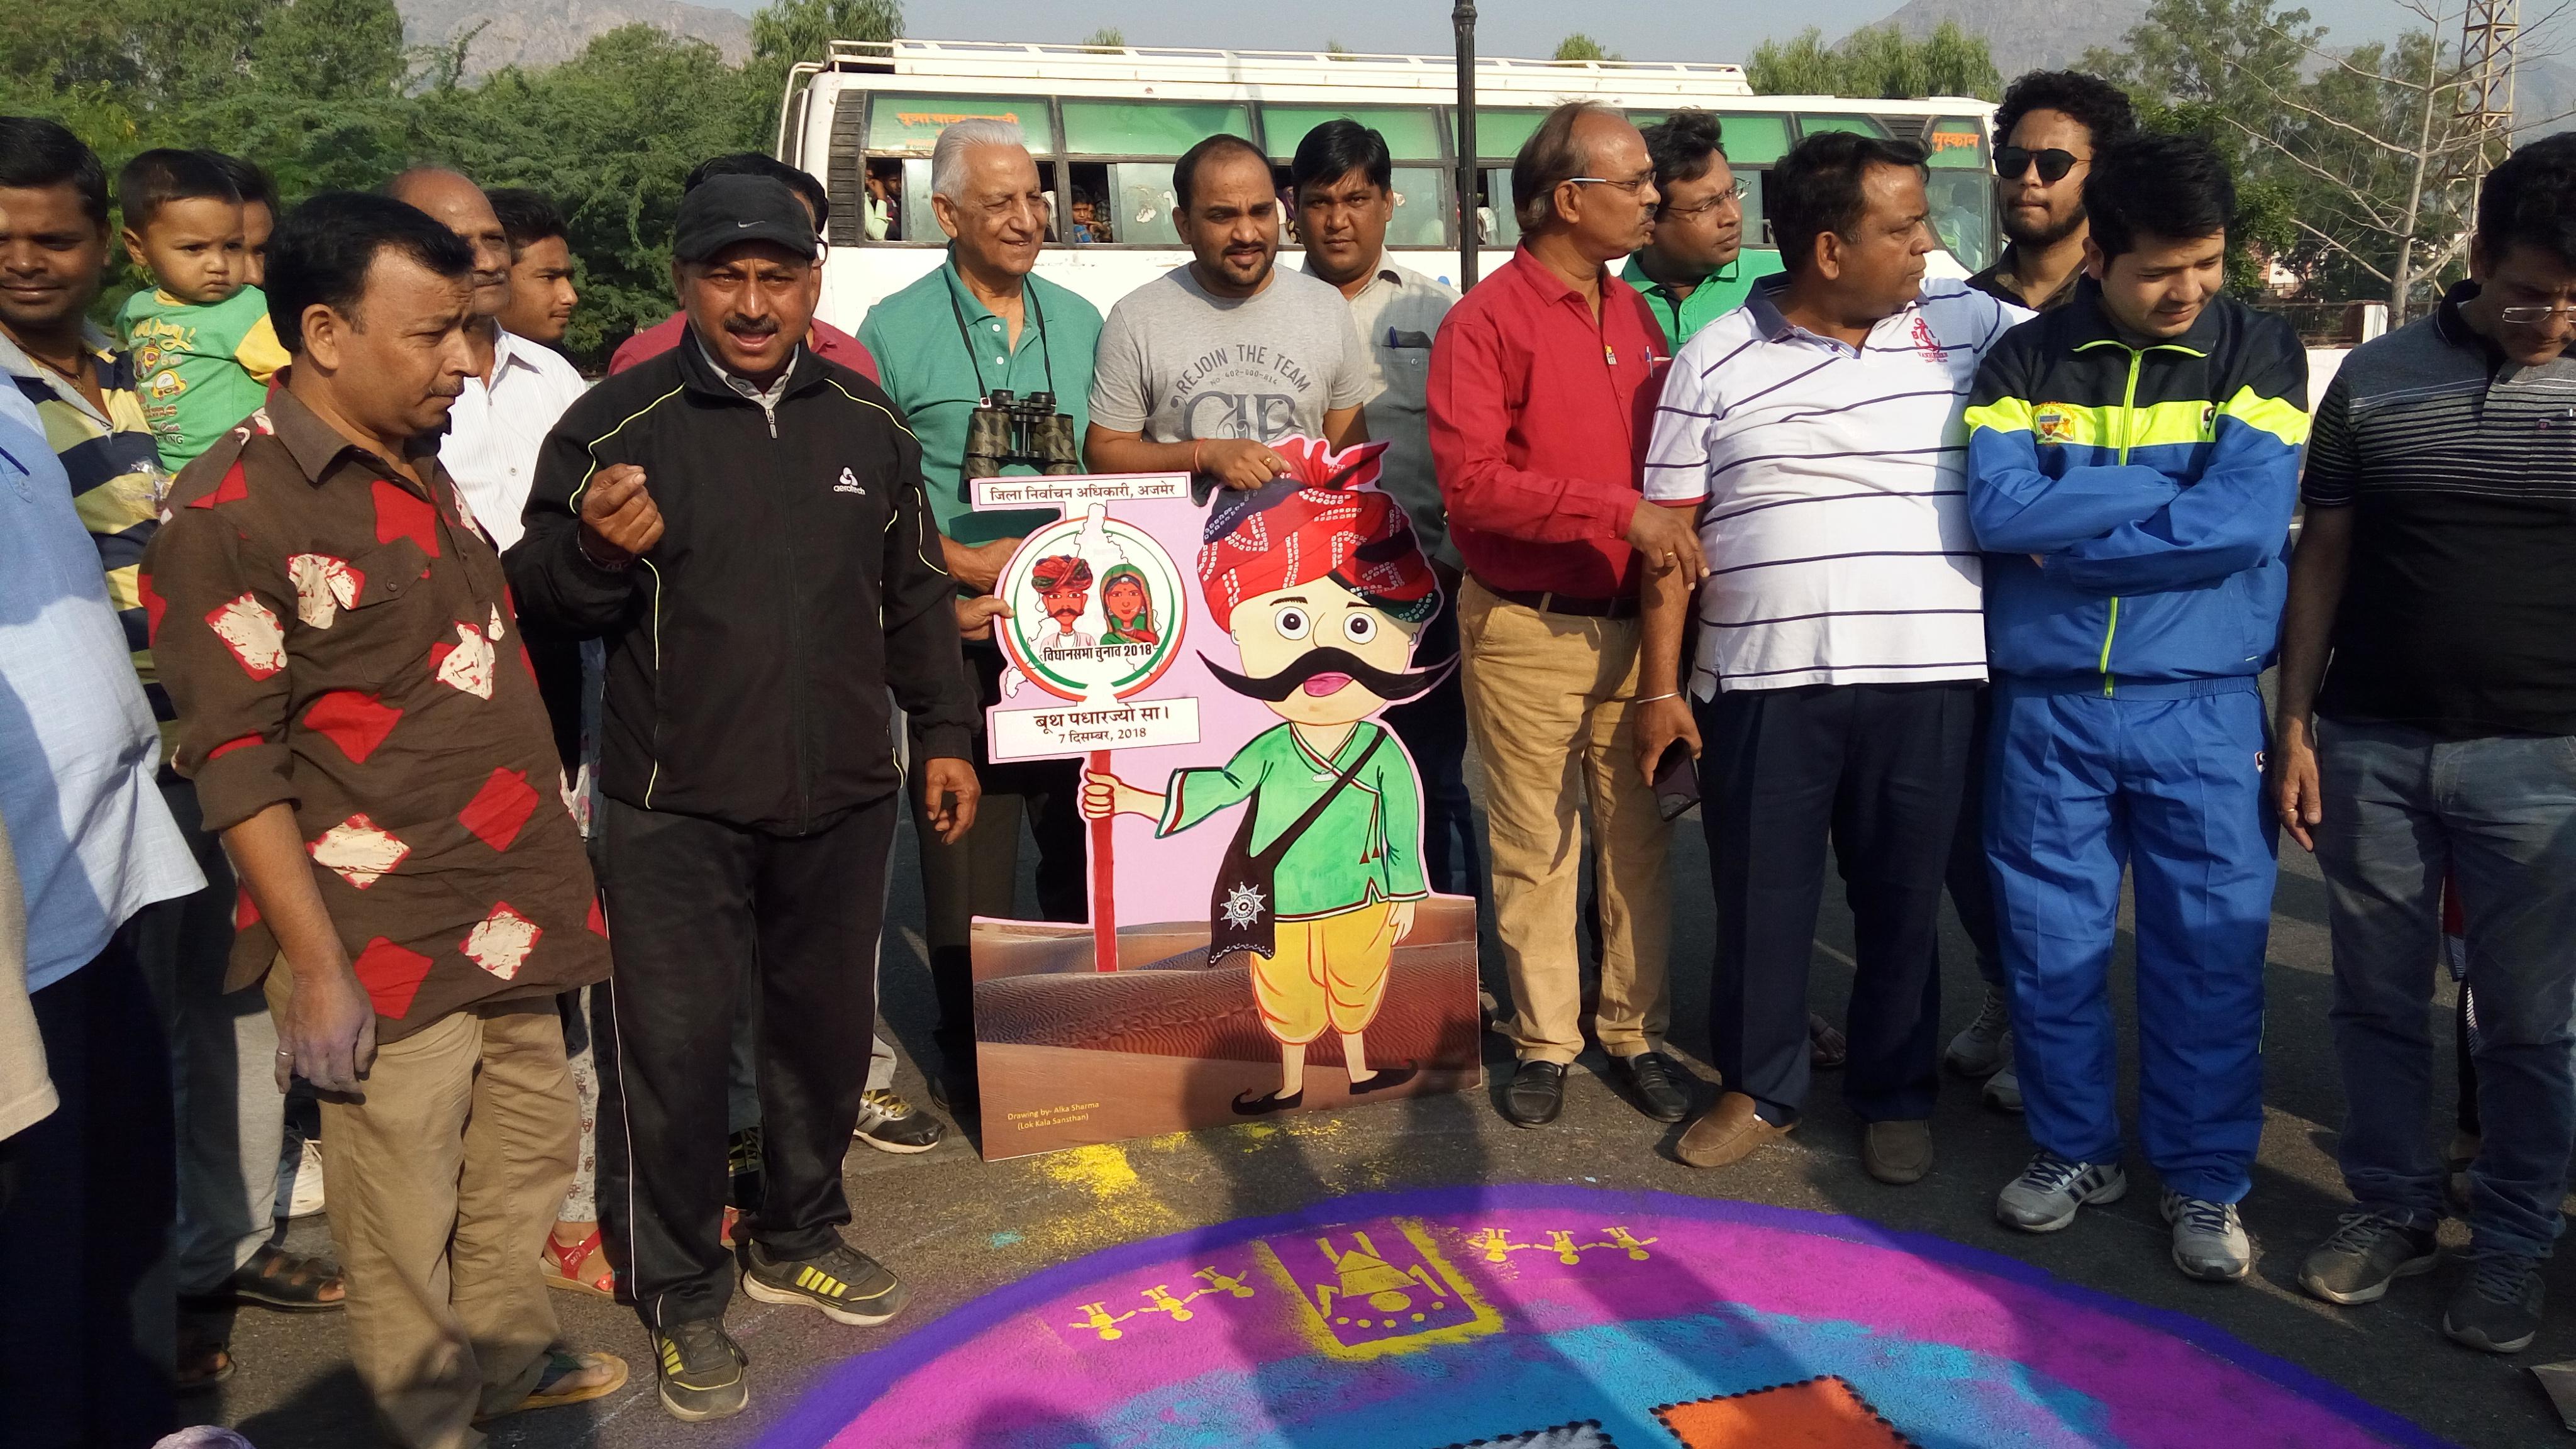 Rajasthan election 2018: बोलेंगी कठपुतलियां...अपना तो यही कहना है, वोट जरूर देना है